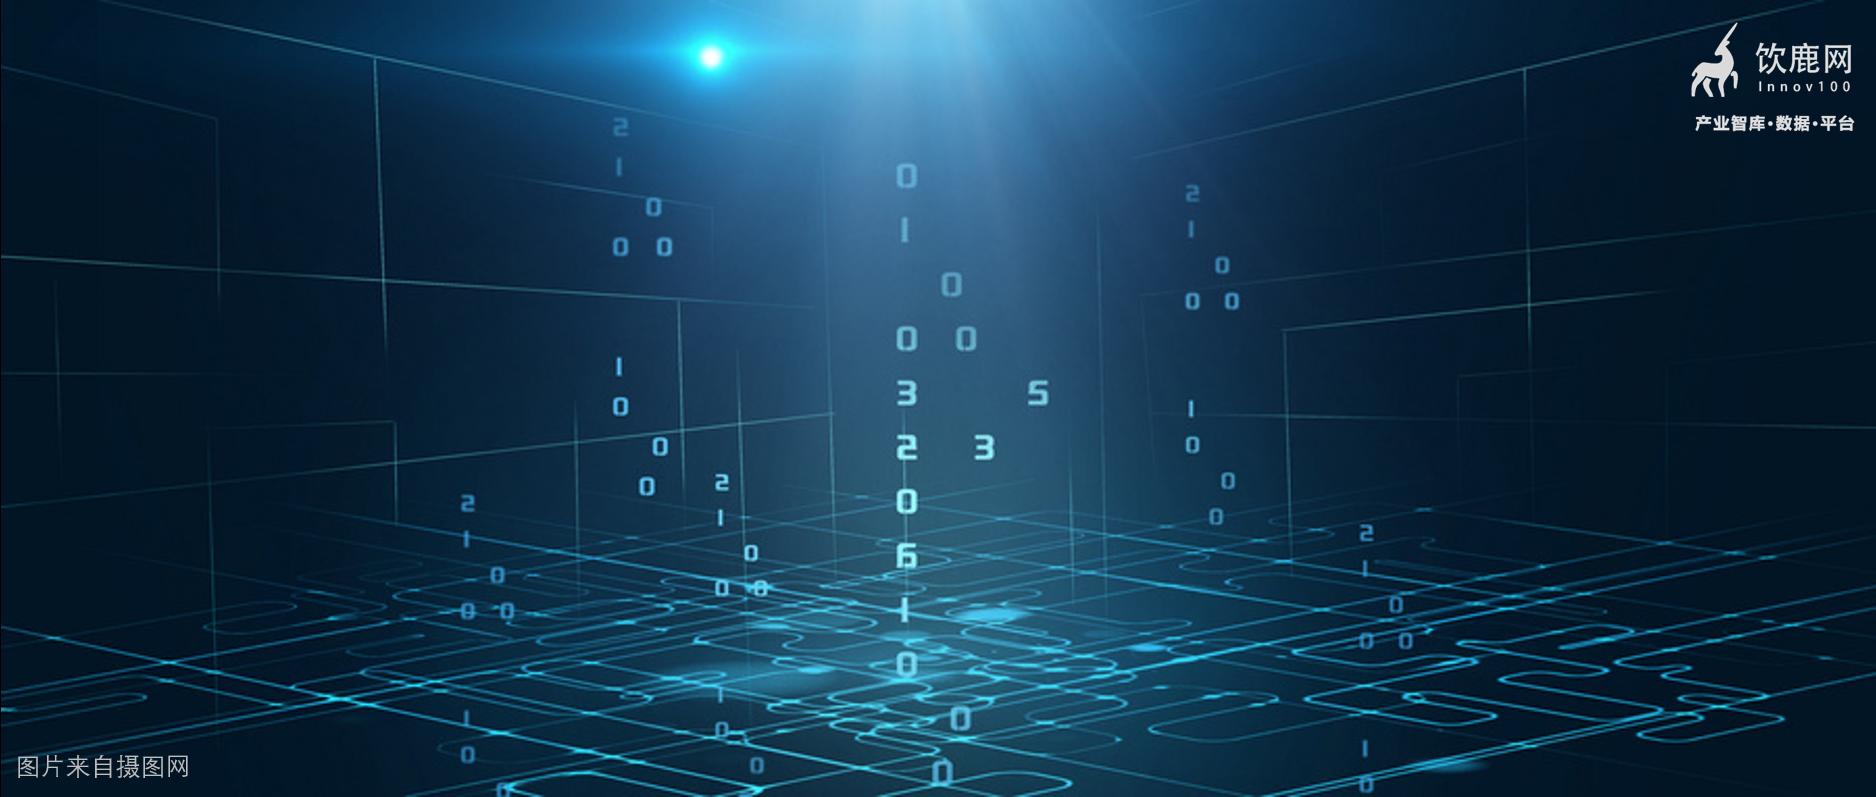 赛智时代:数据要素市场化配置-我国数据交易市场发展研究